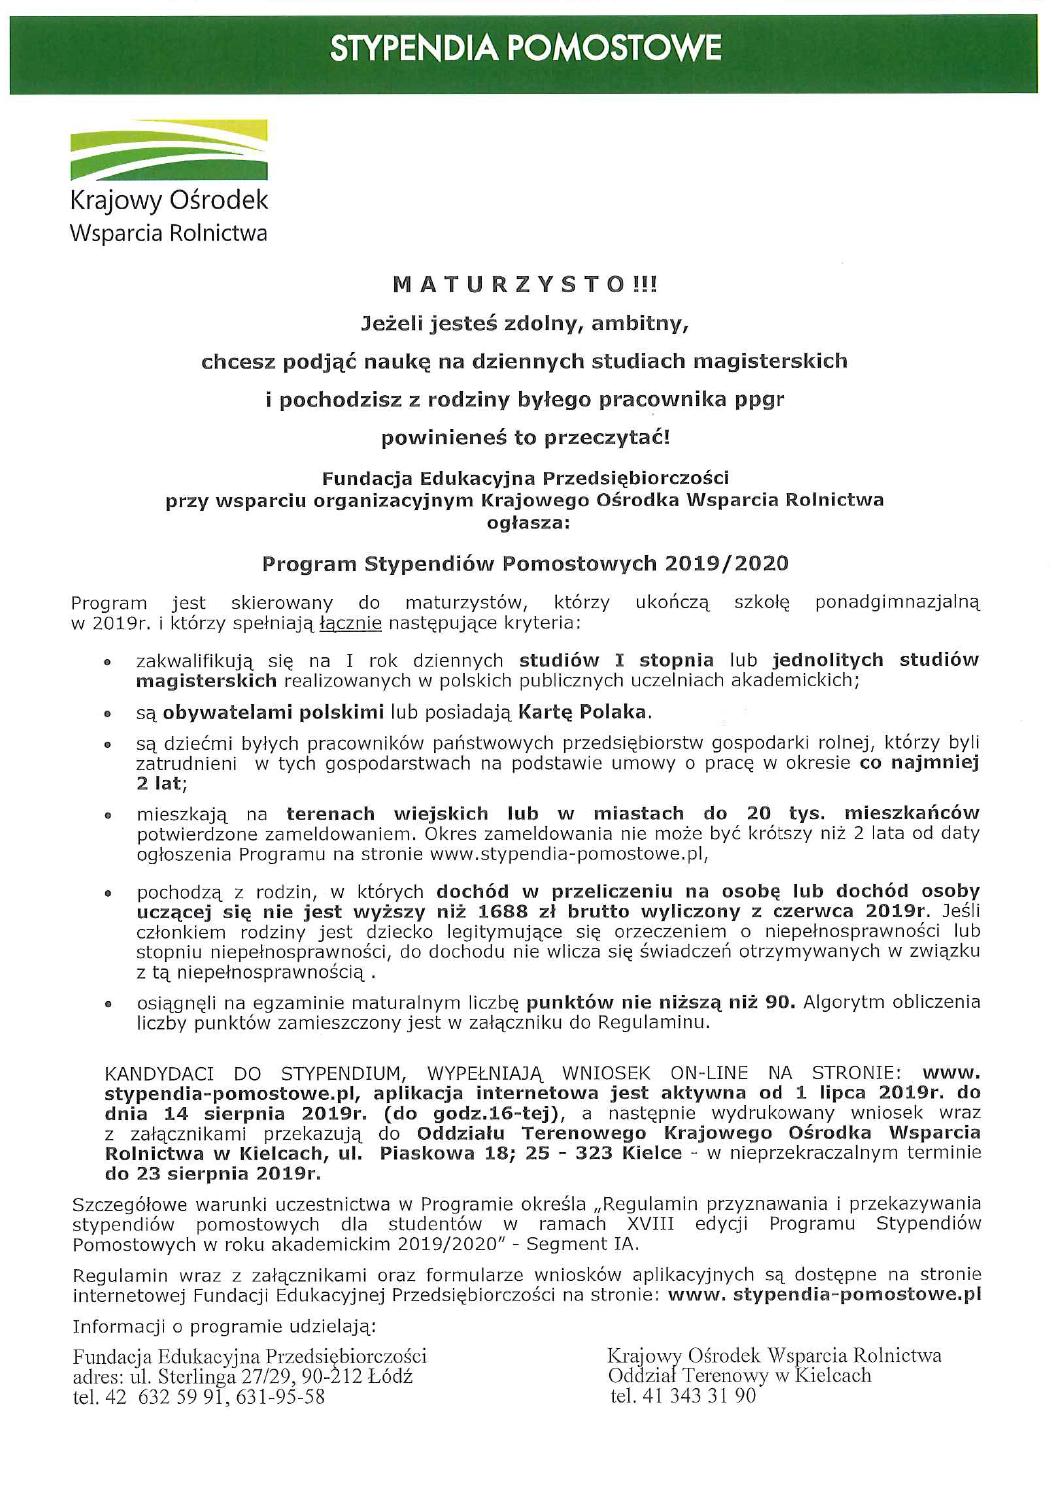 stypendia_pomostowe.png